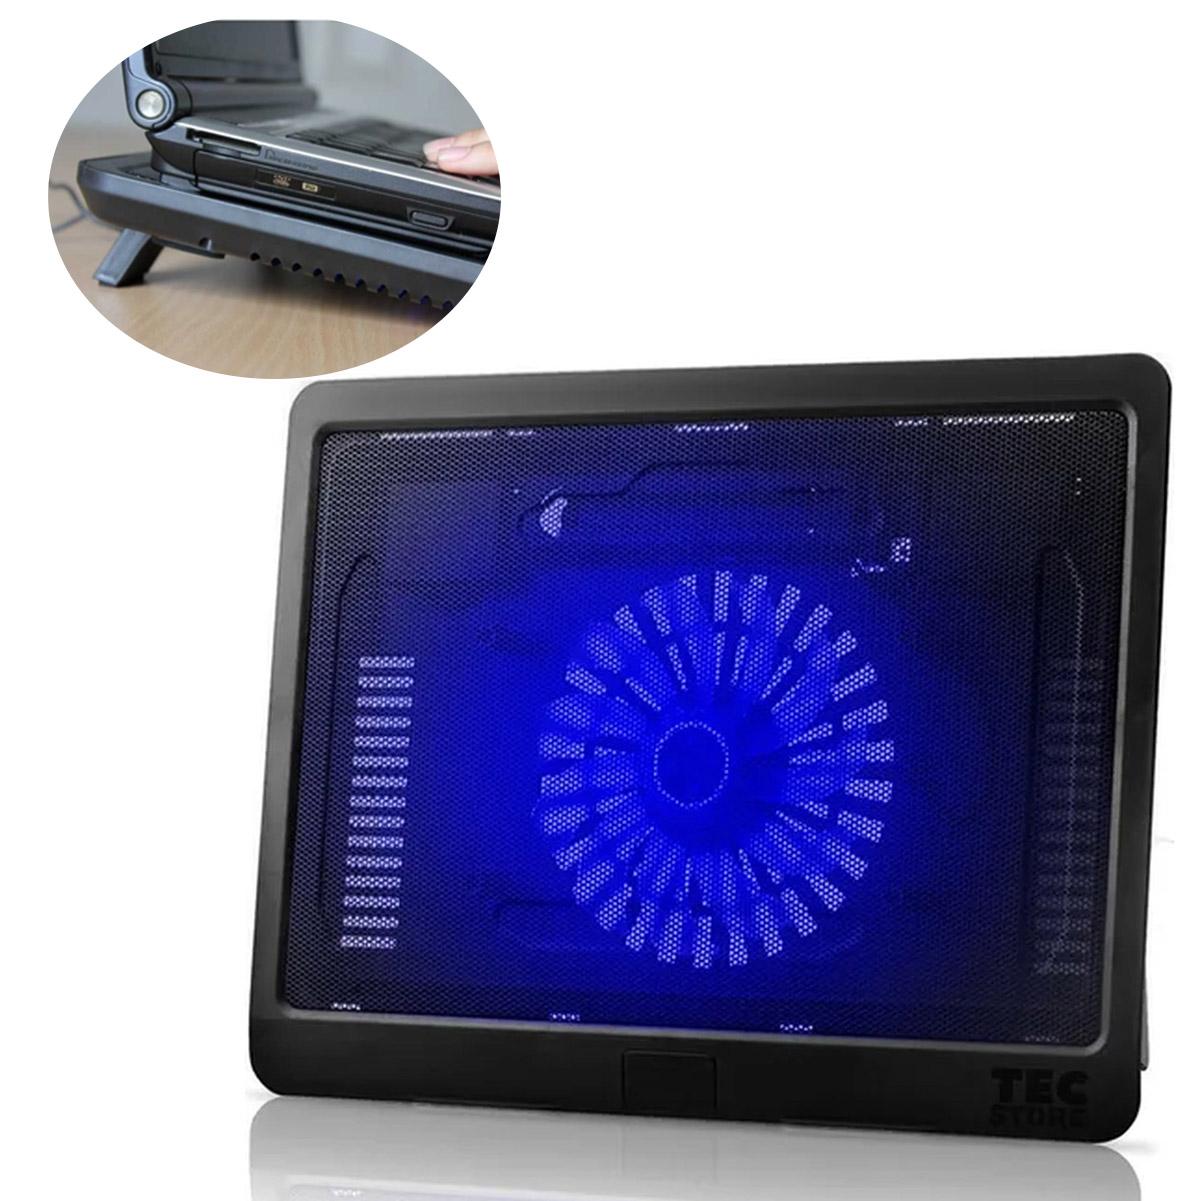 Suporte Base Notebook Cooler Led Ventilação Apoio Mesa Usb